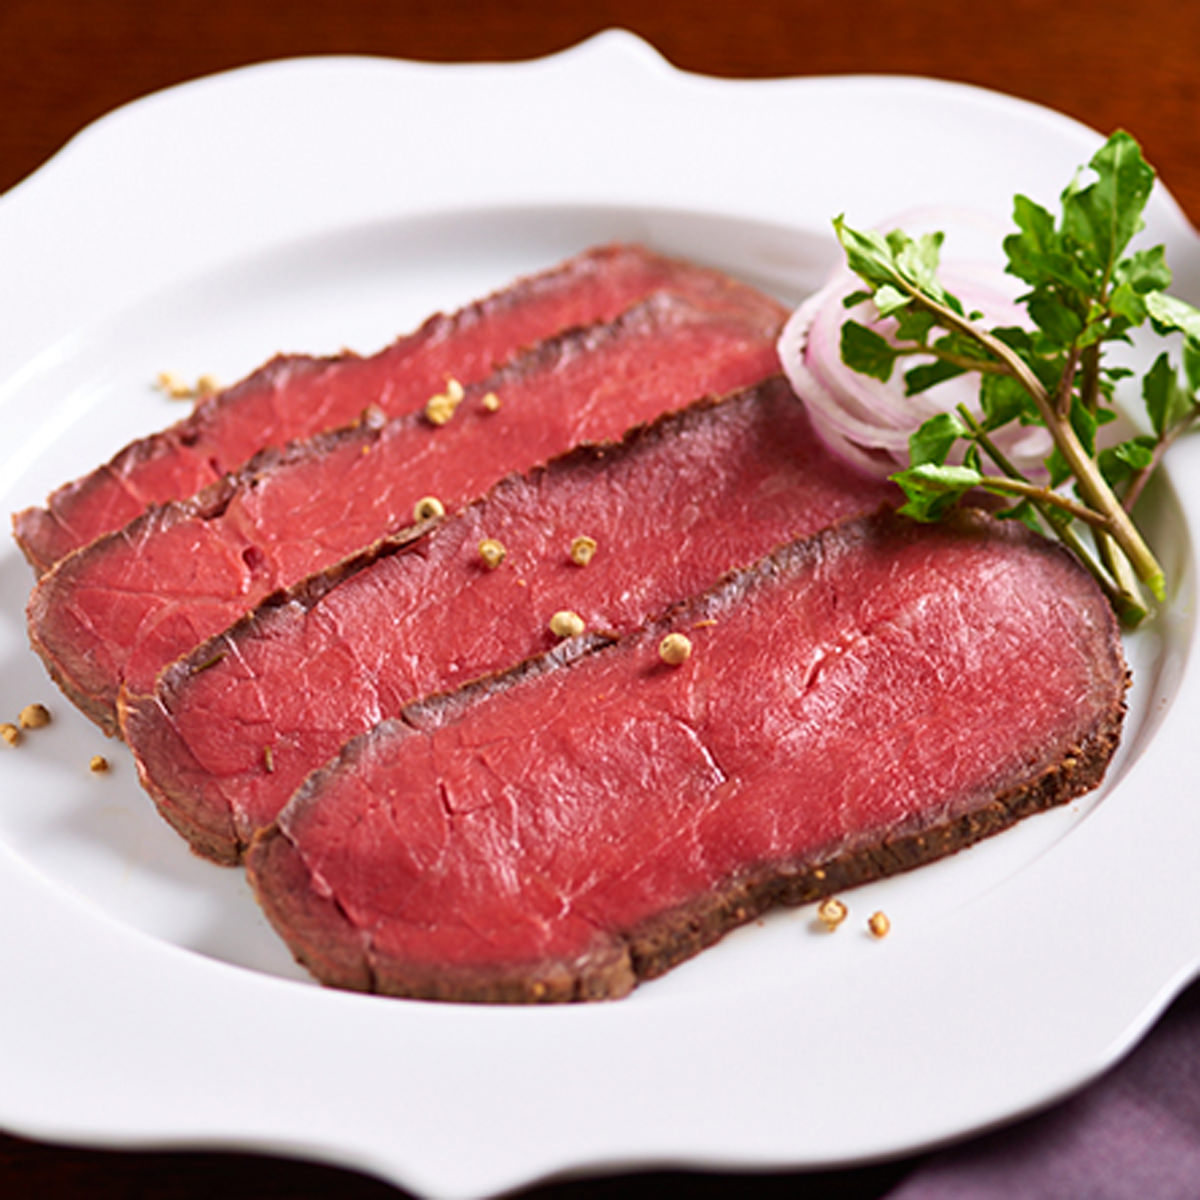 さの萬 冷蔵 さの萬牛 熟成ローストビーフ 桐箱 風呂敷包み〔モモ肉500g・生わさび・自家製ソース〕